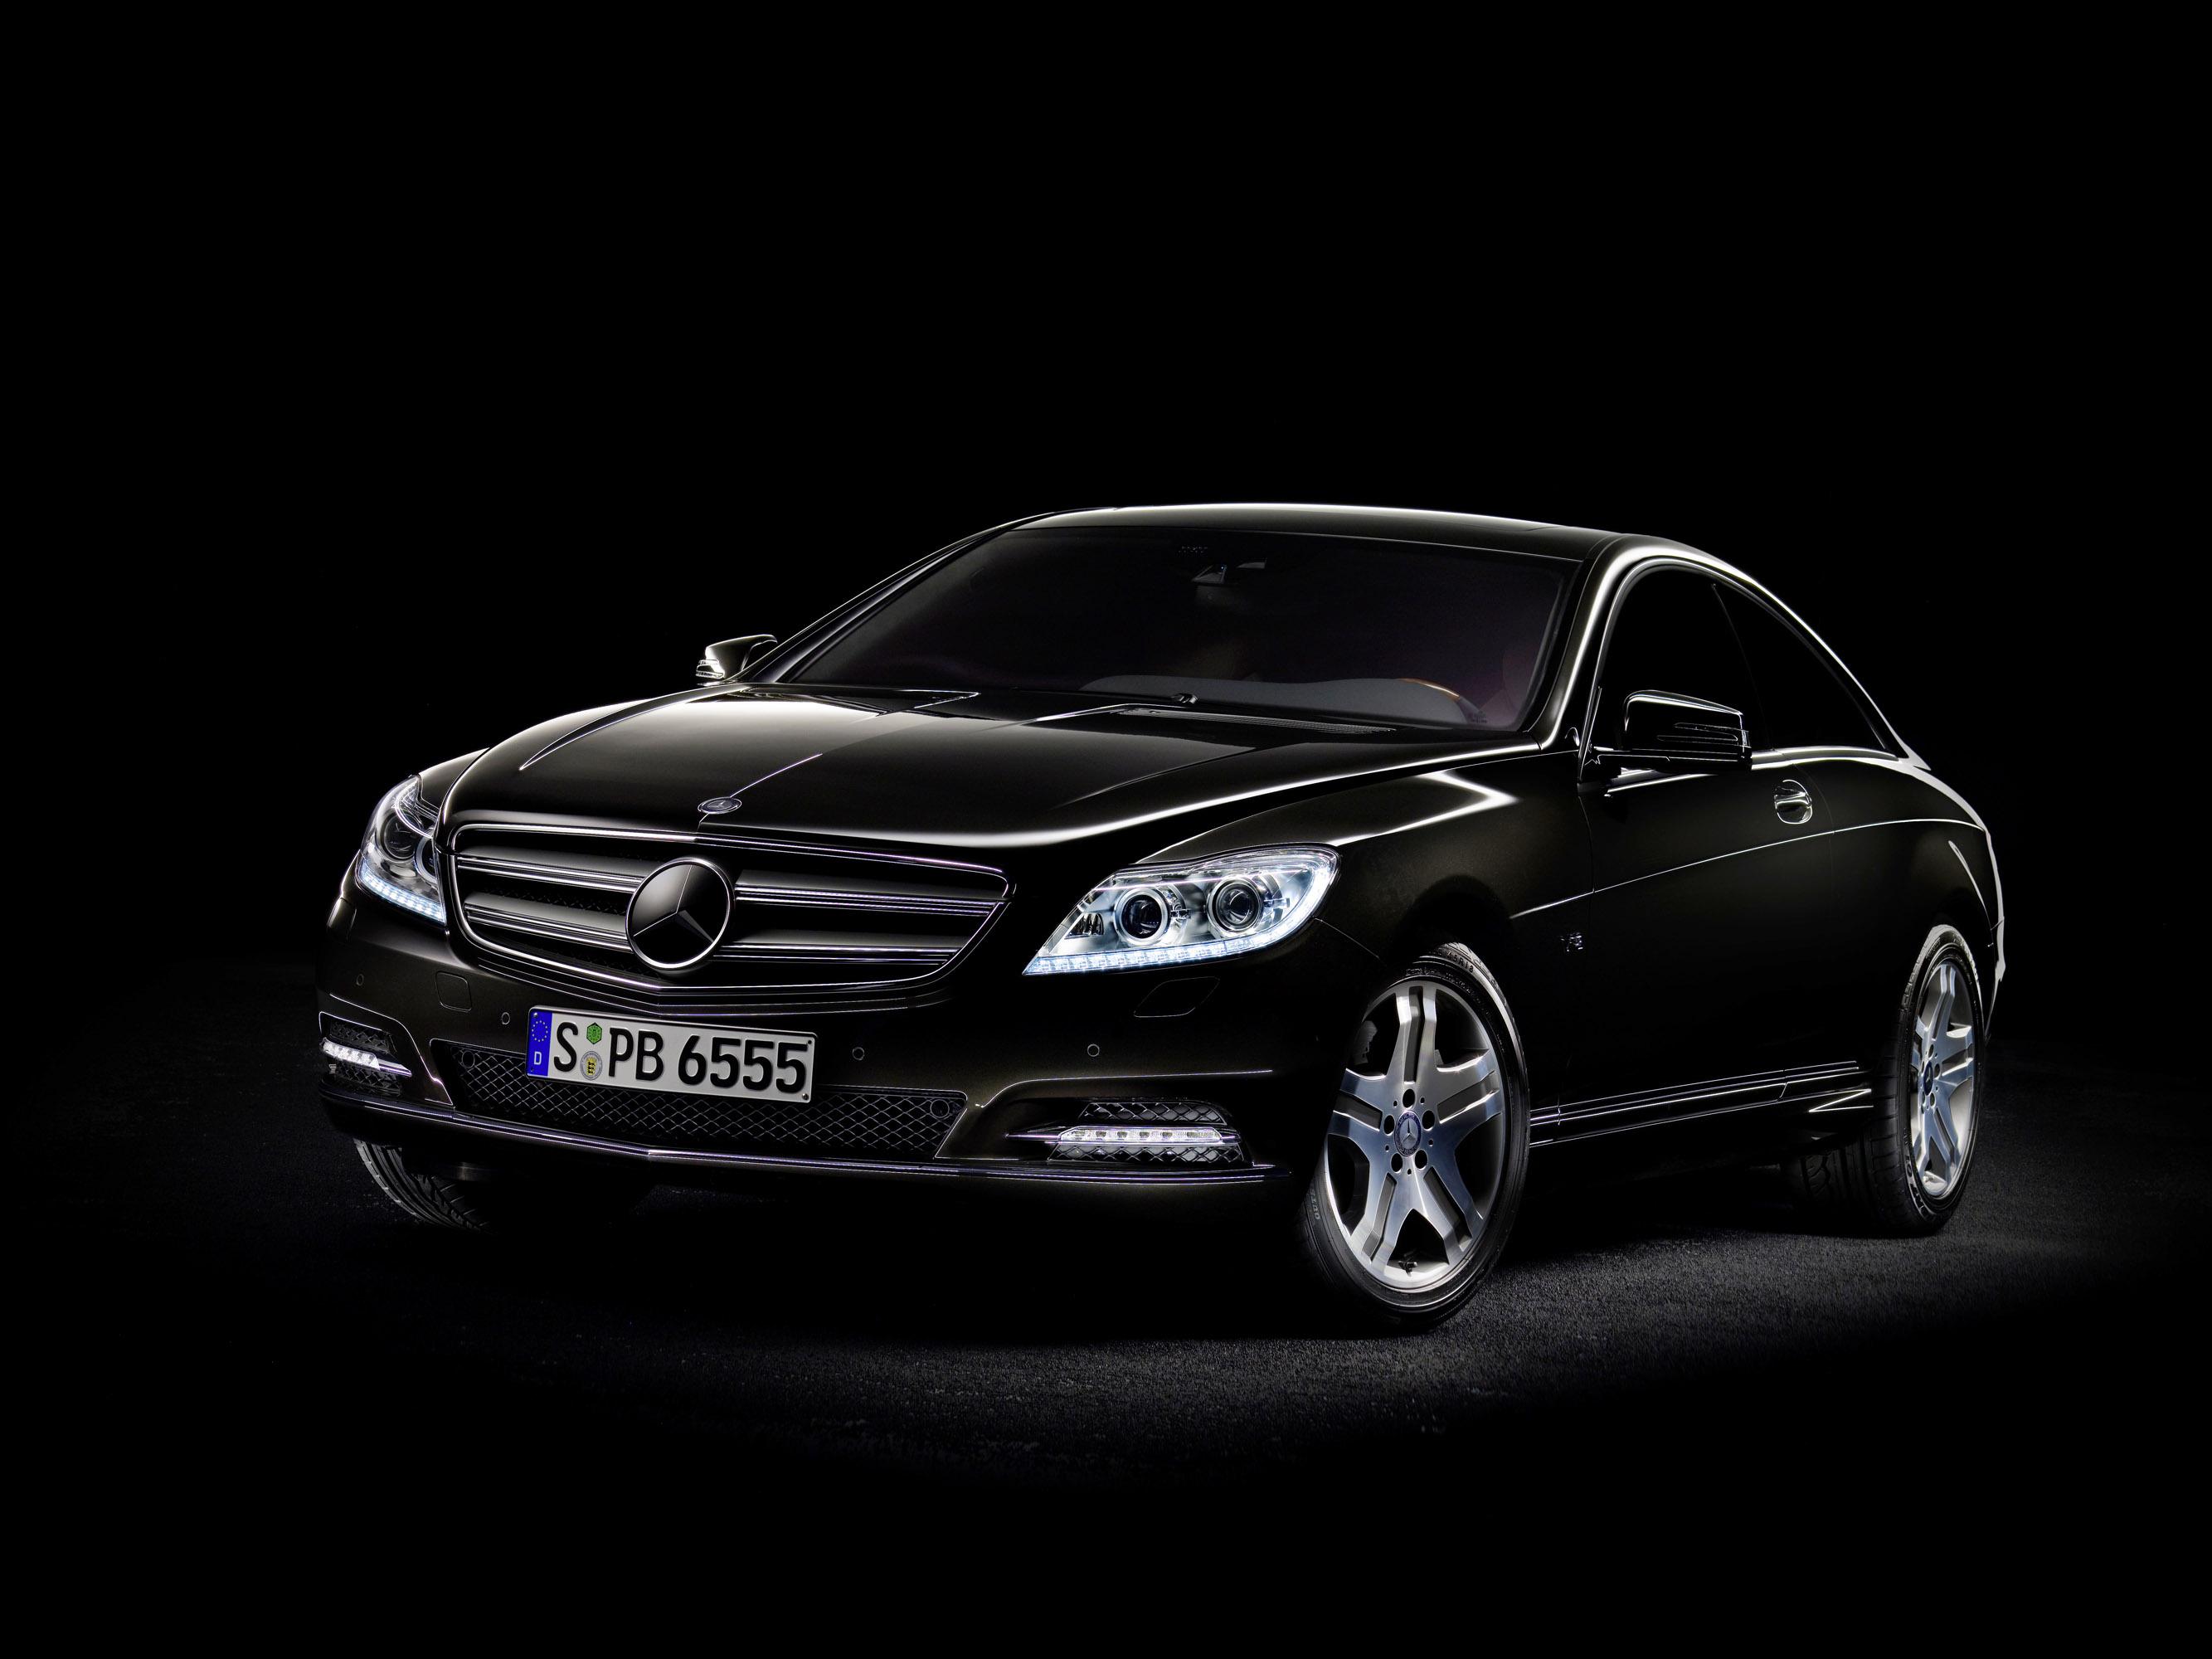 2011 Mercedes-Benz CL-Class сочетает в себе новейшие технологии с повышенной комфортности - фотография №2